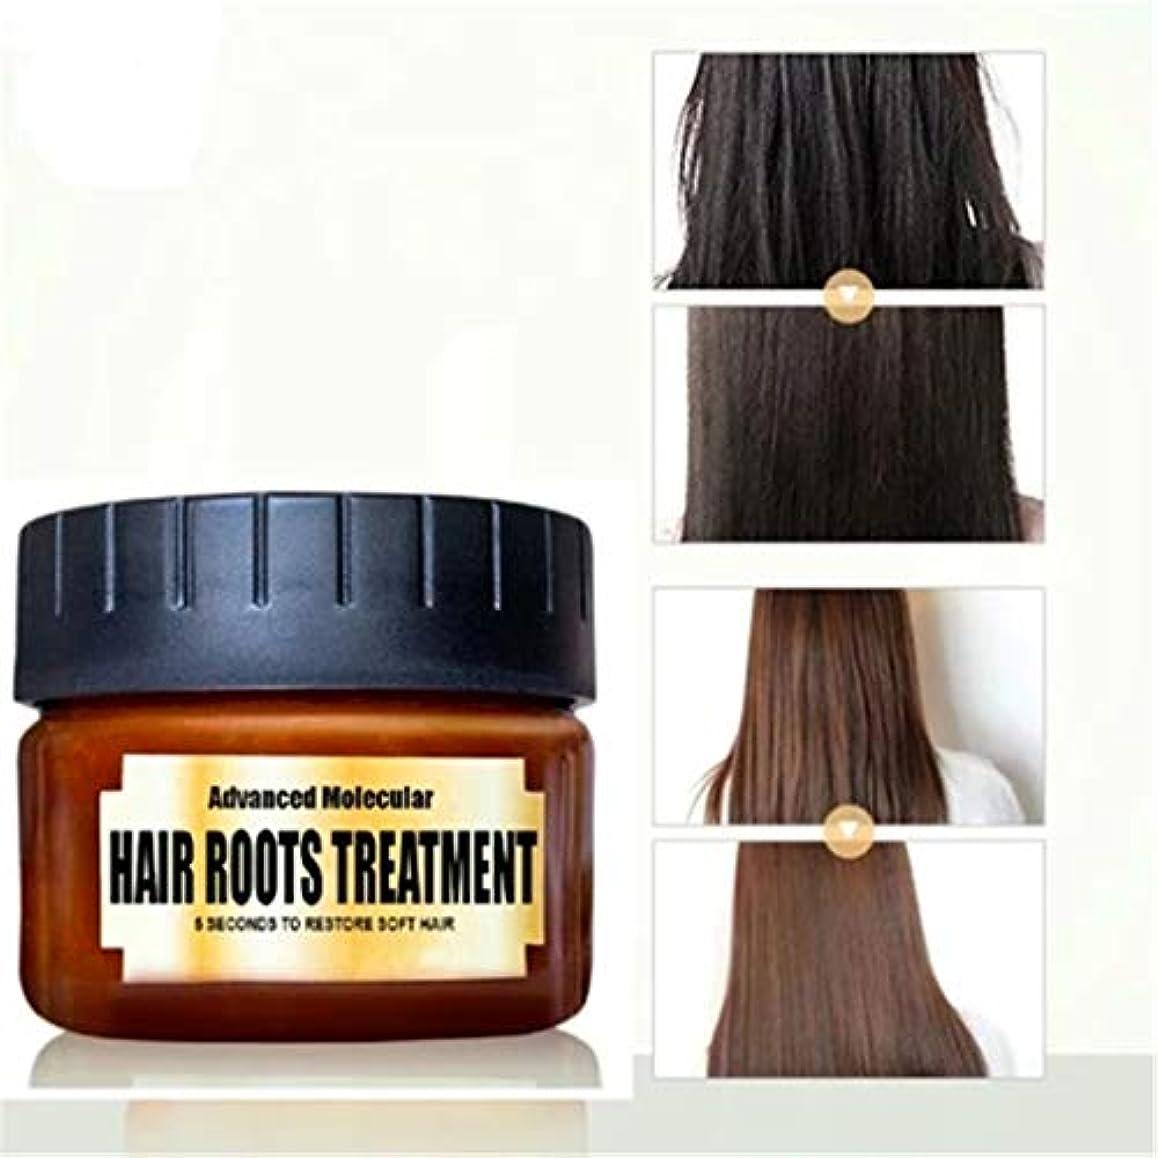 勉強する列車盟主コンディショナー ヘアケアコンディショナー ヘアデトキシファイングヘアマスク 高度な分子 毛根治療の回復 乾燥または損傷した髪と頭皮の治療のための髪の滑らかなしなやか (B 60 ml)